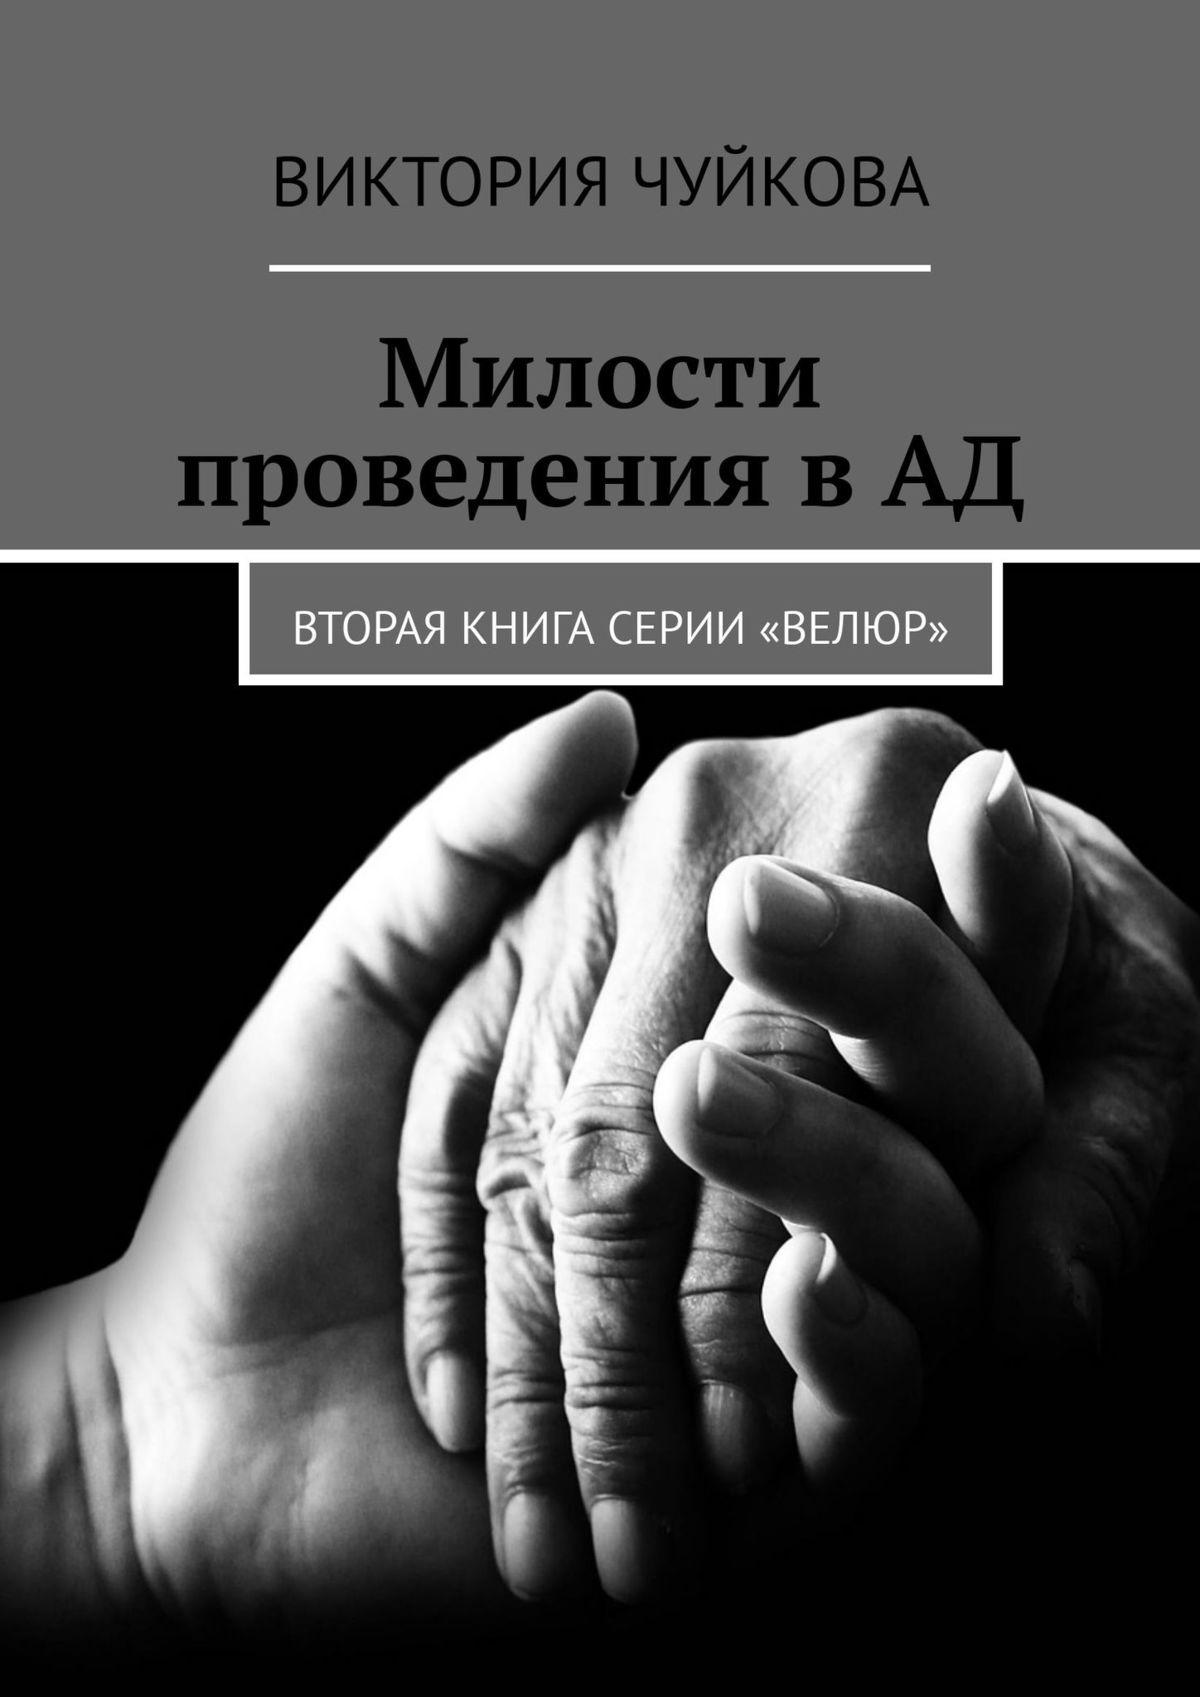 Милости проведения вАД. Вторая книга серии «ВеЛюр» ( Виктория Чуйкова  )